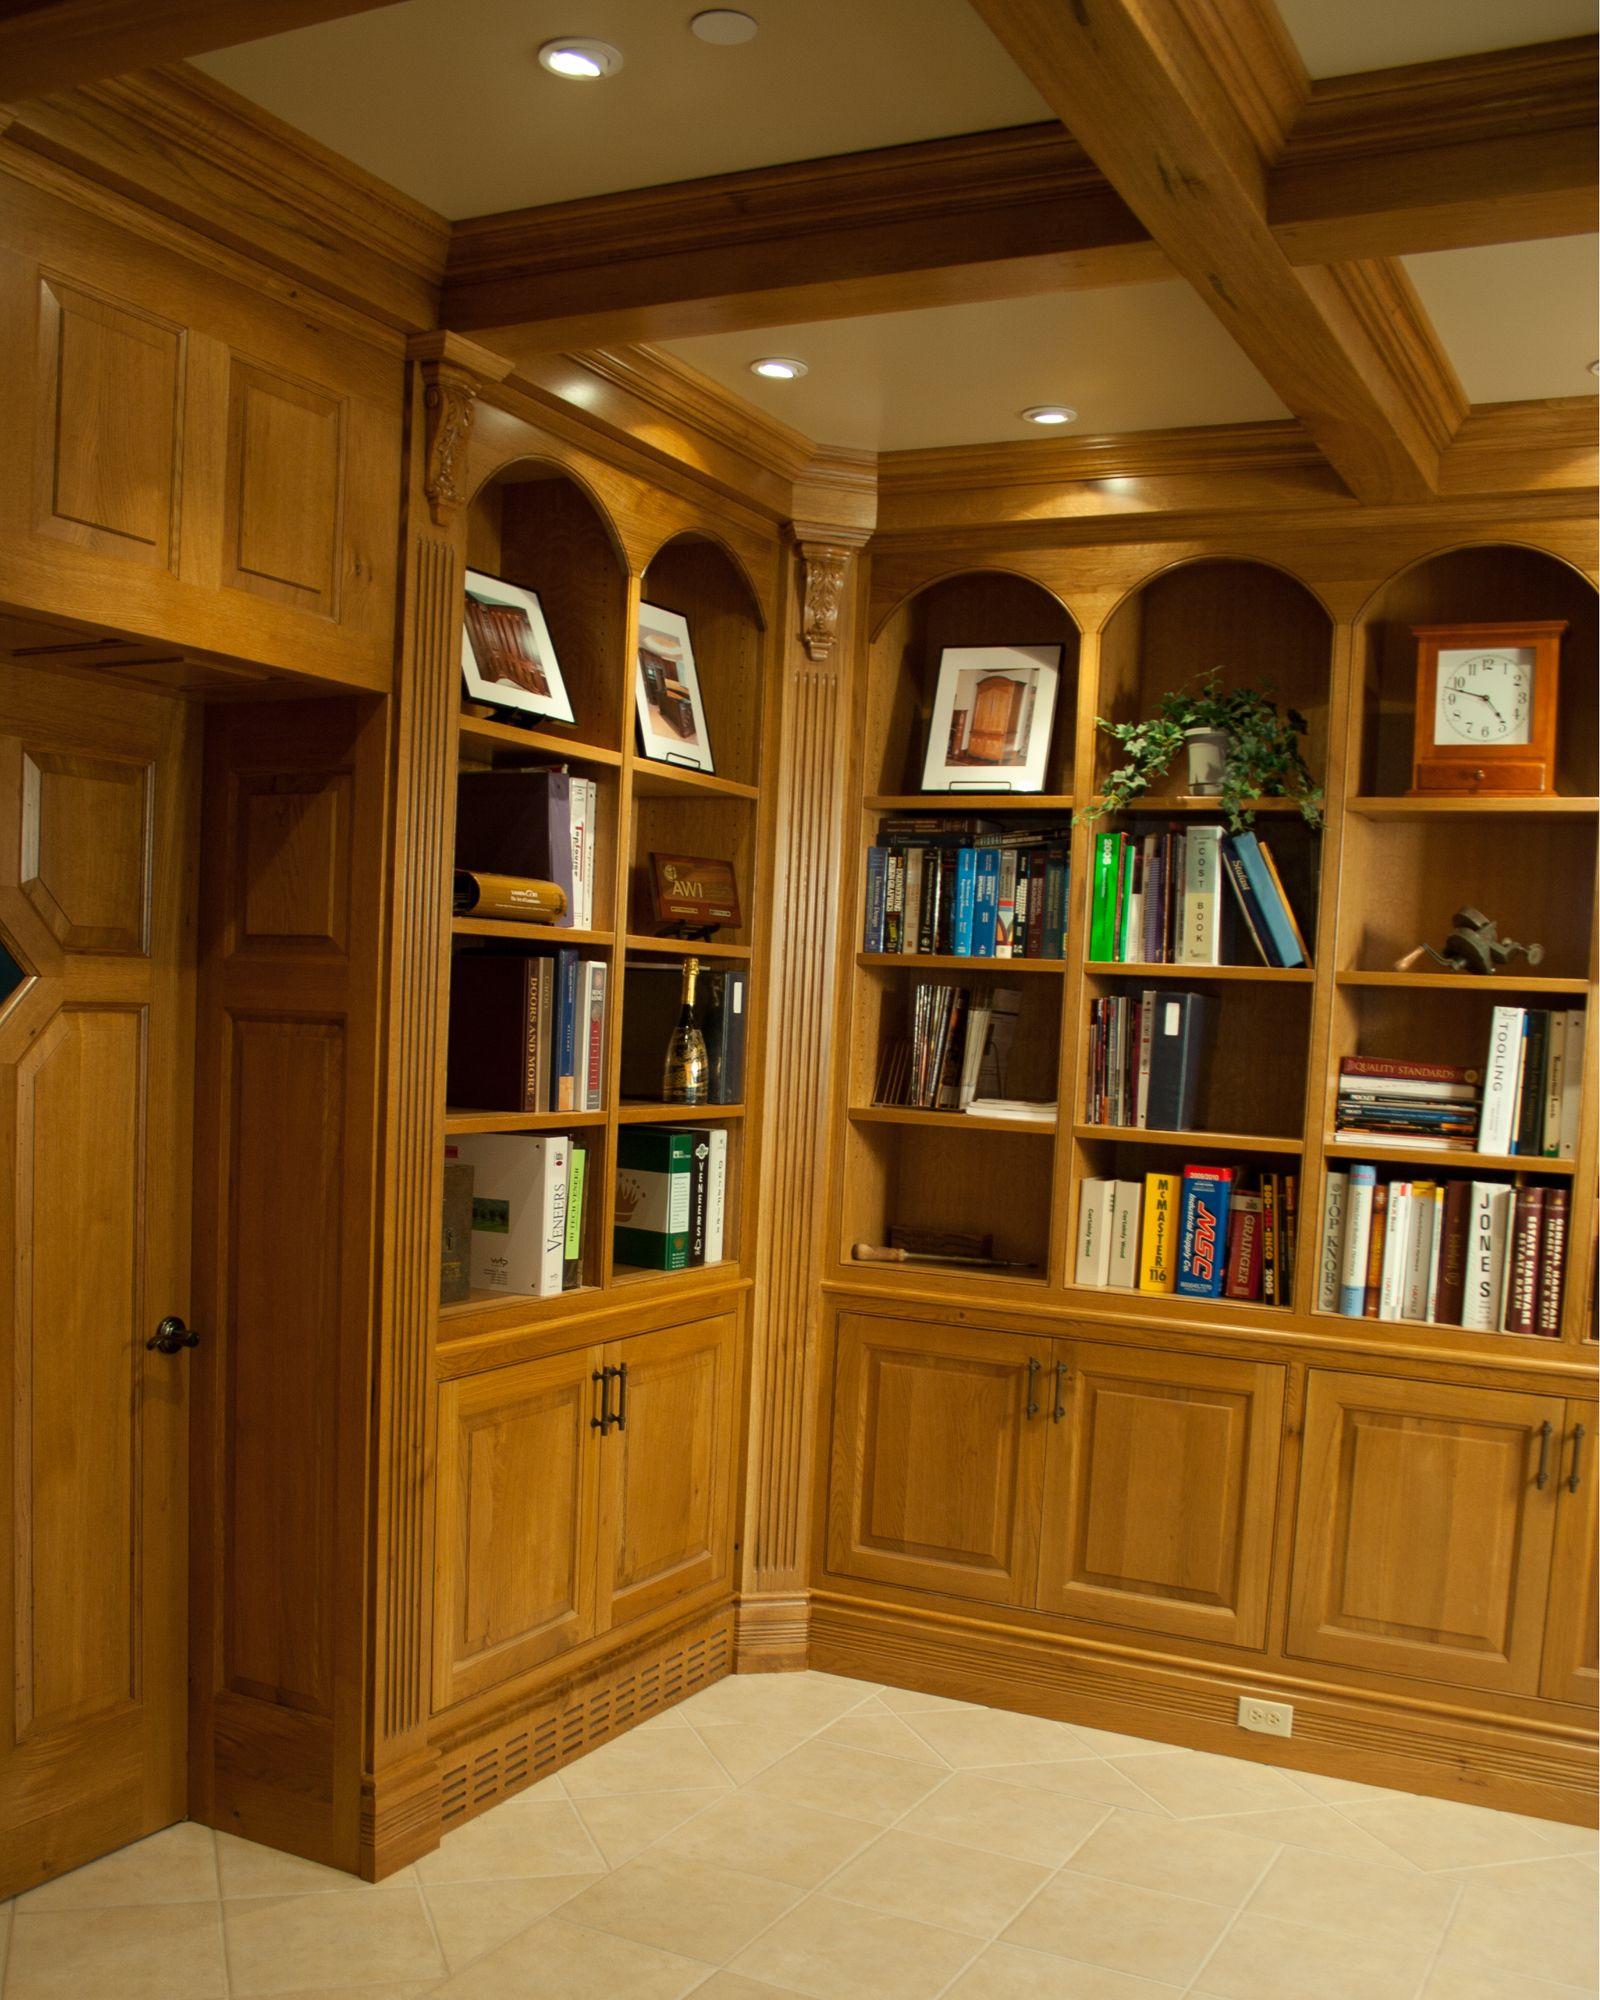 Rift Sawn Oak Cabinets Quarter Sawn White Oak Kitchen Cabinets Qtrd Sawn White Oak Office White Oak Kitchen Oak Kitchen Cabinets Quarter Sawn White Oak